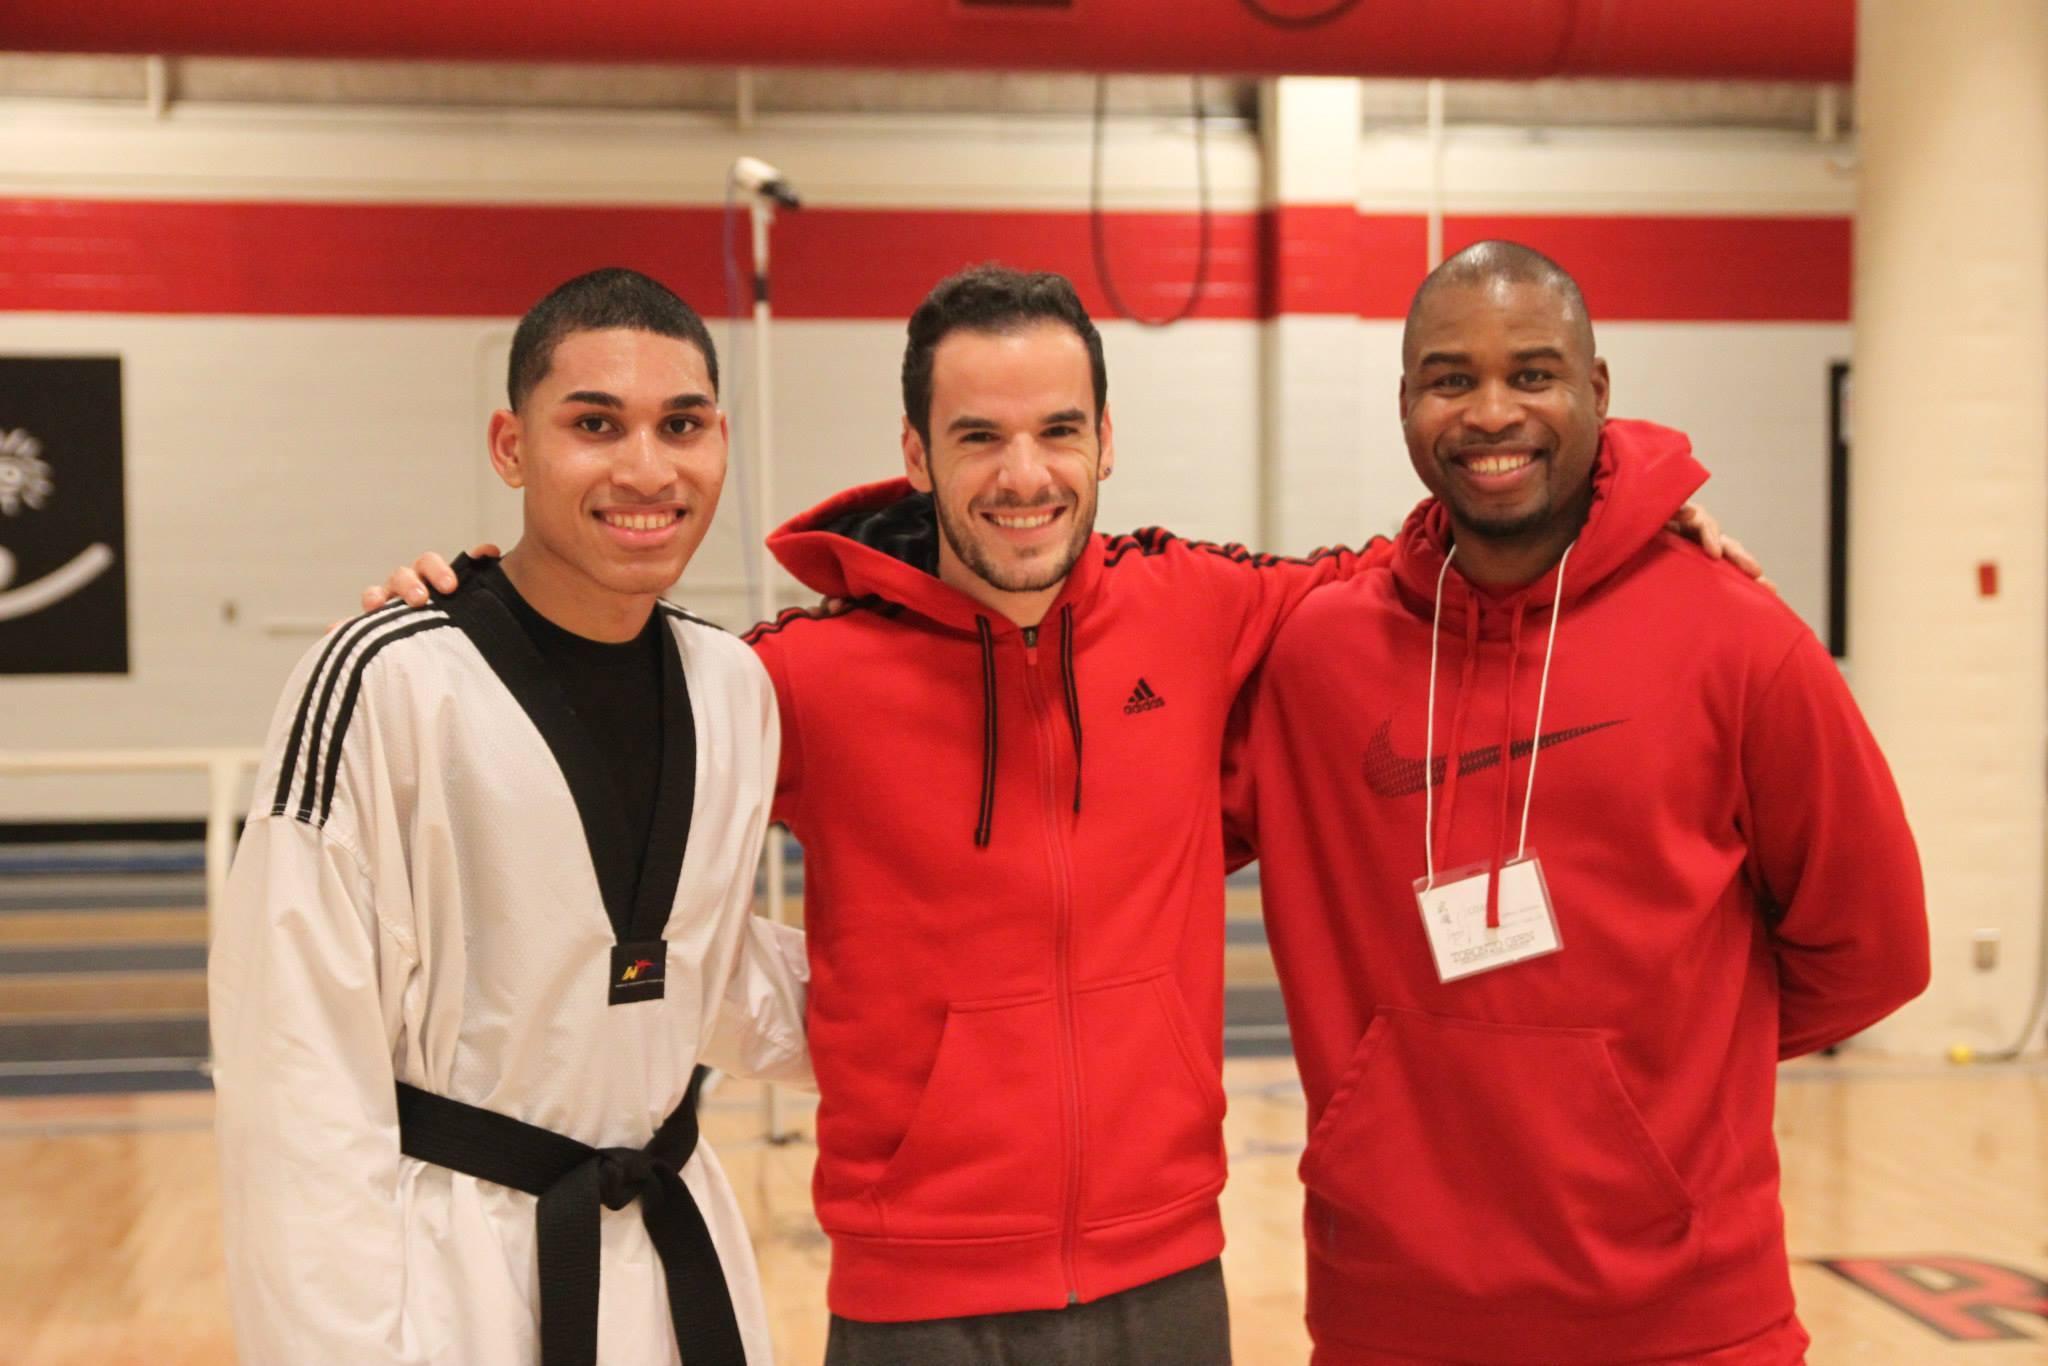 martial arts instructors smiling